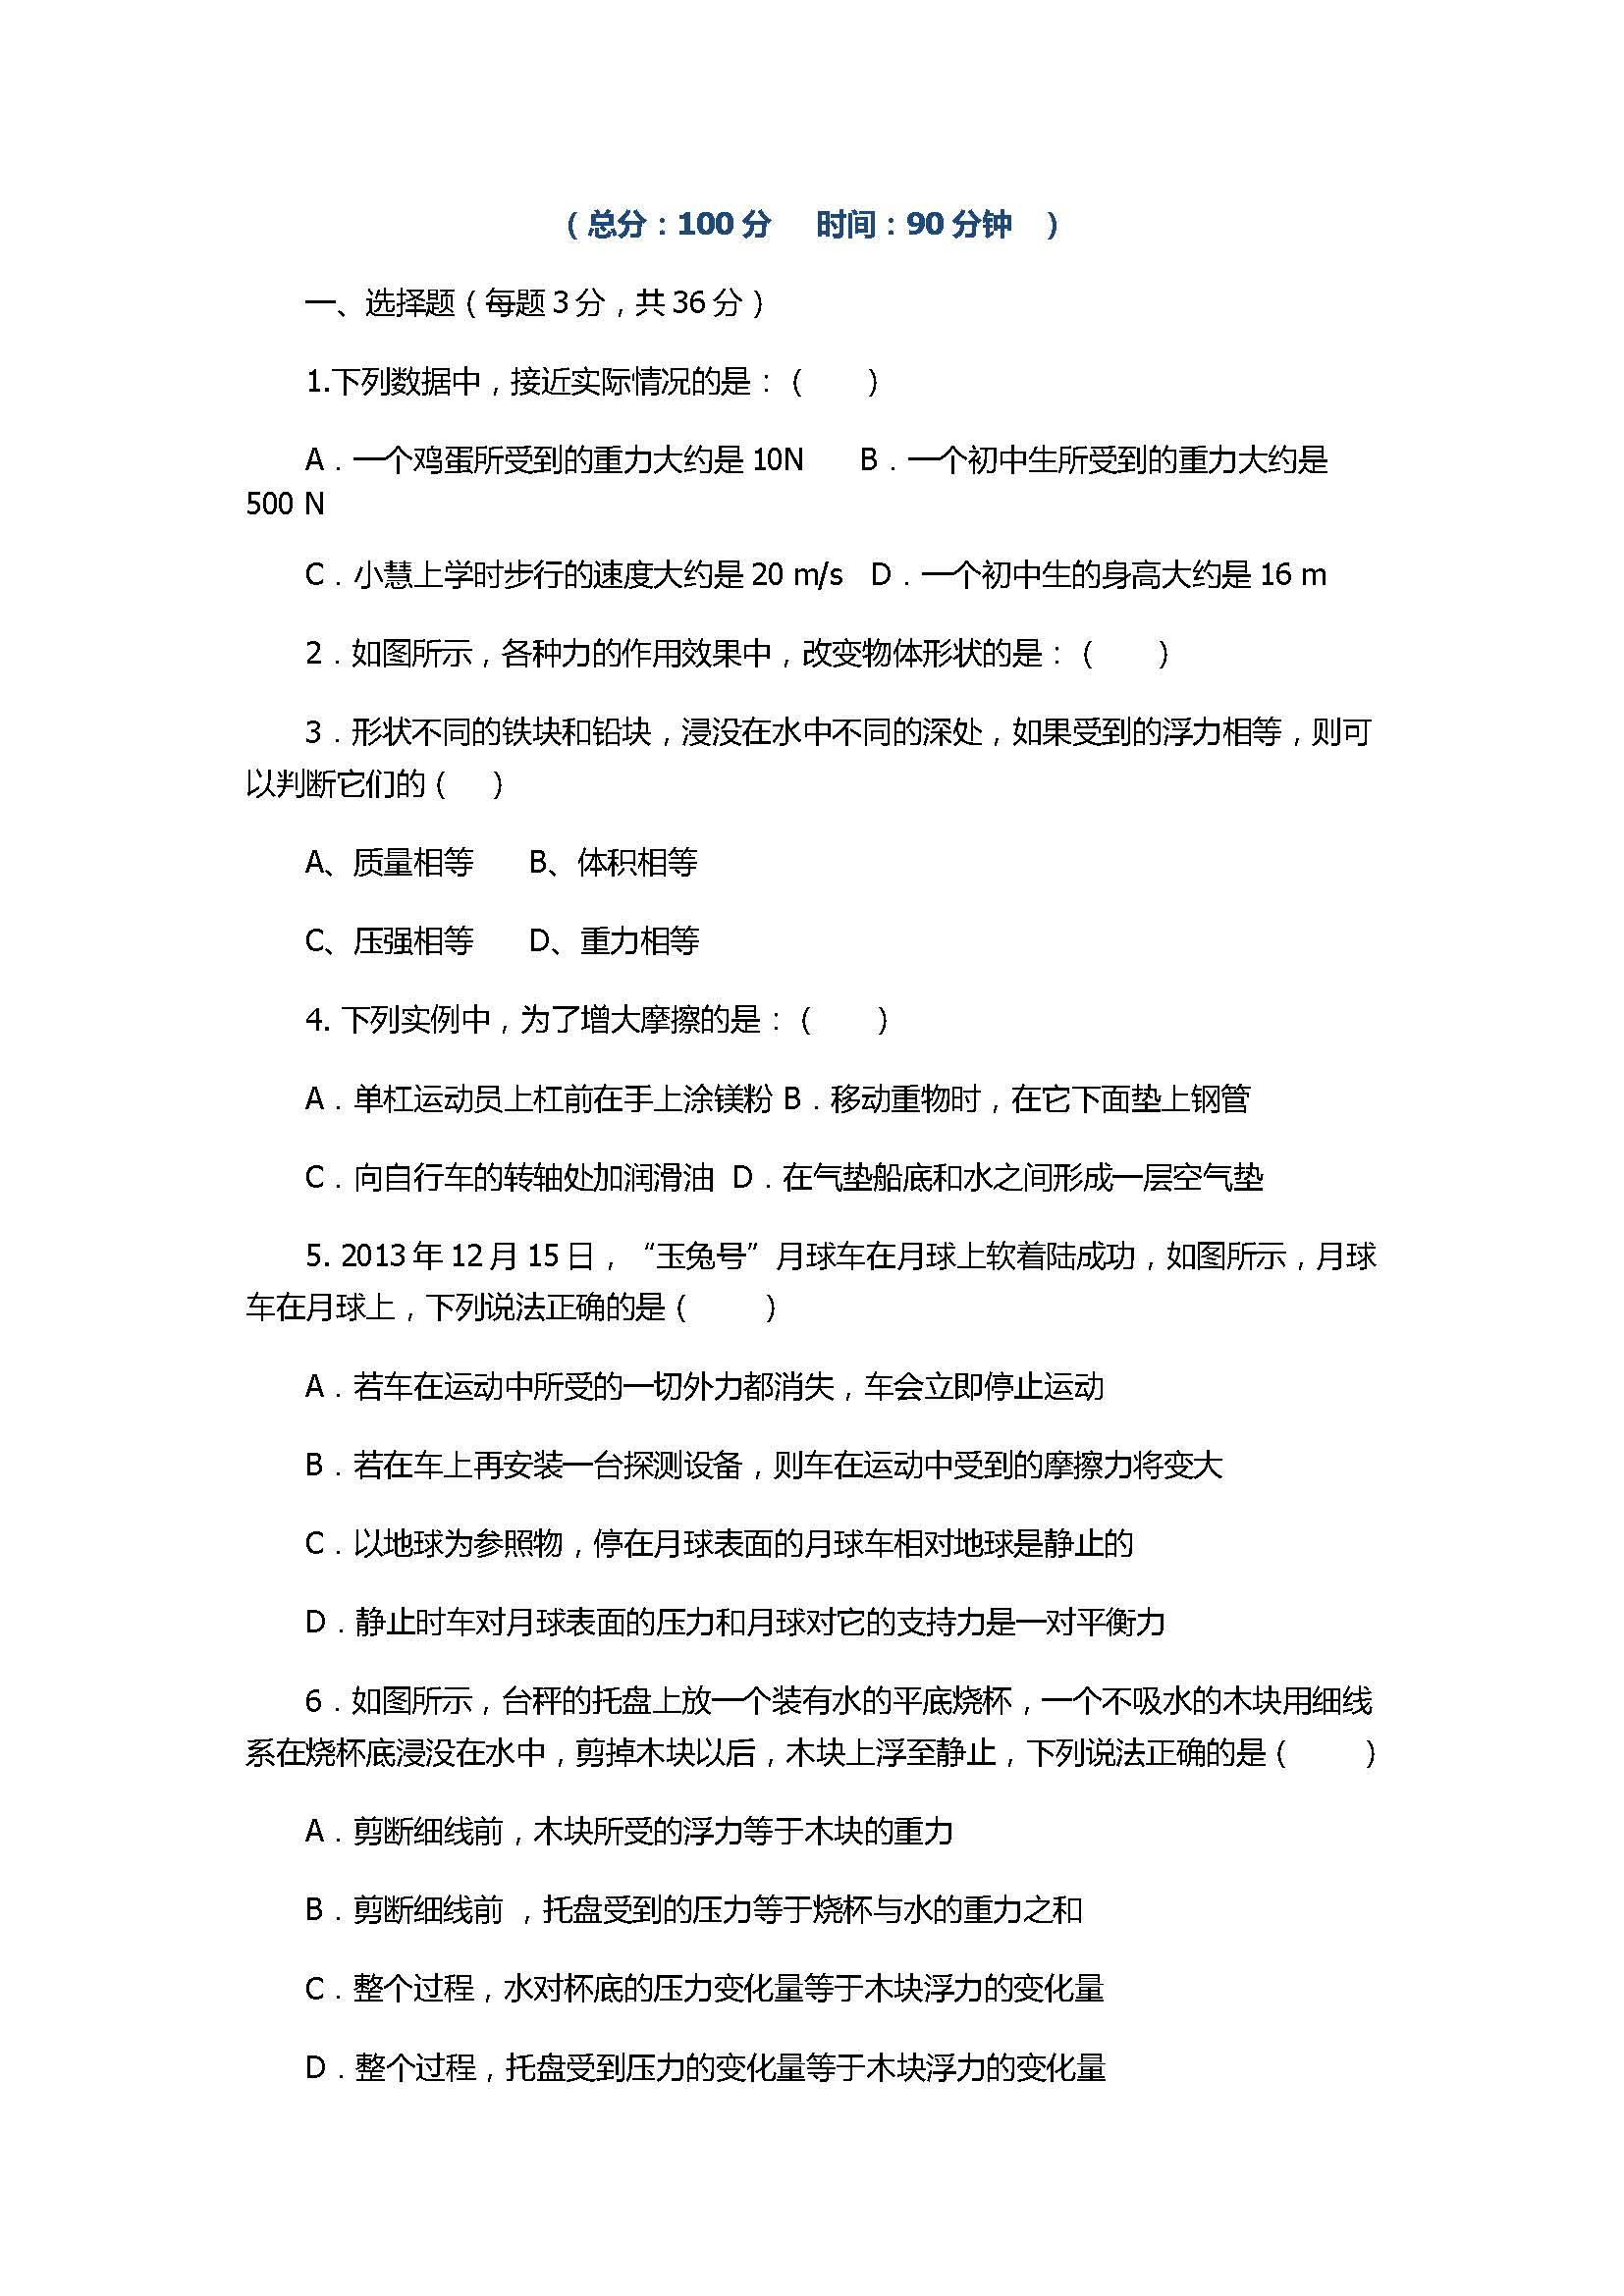 2017初二年级物理下册期中联考试卷带参考答案(重庆江津)